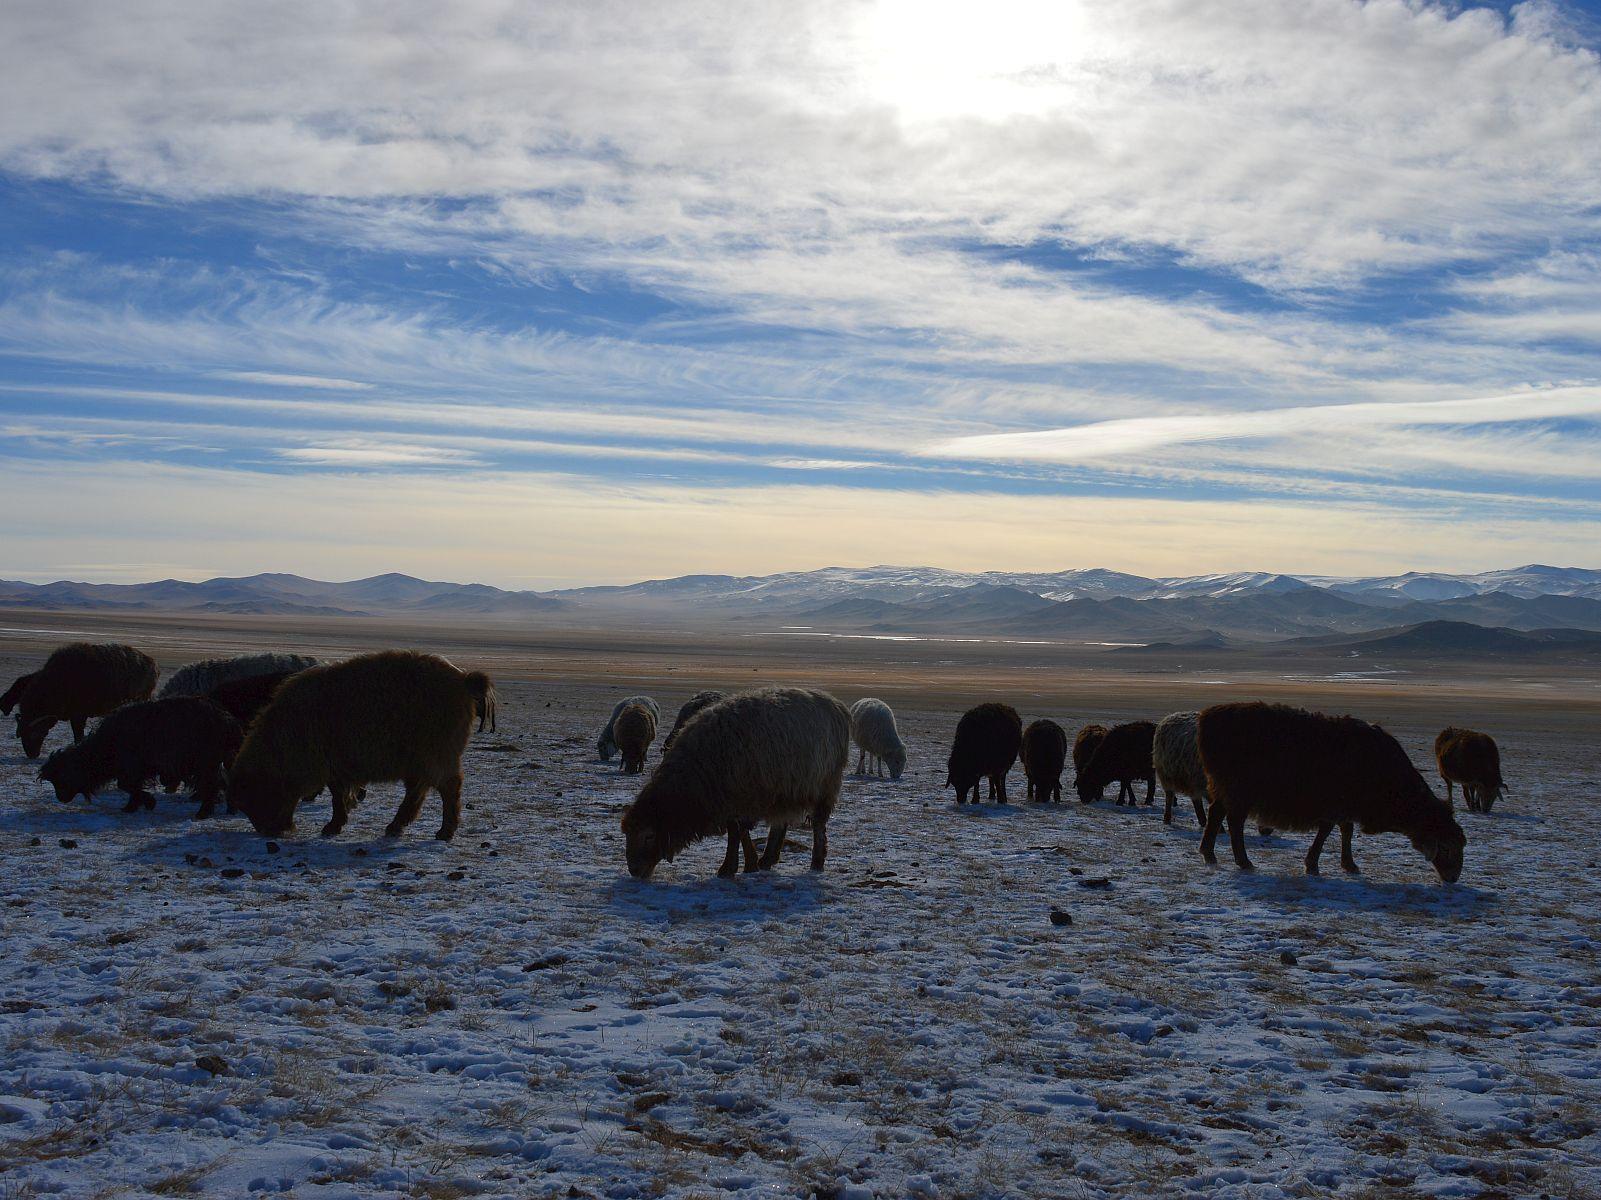 Uma viagem de onibus da Mongolia para lembrar